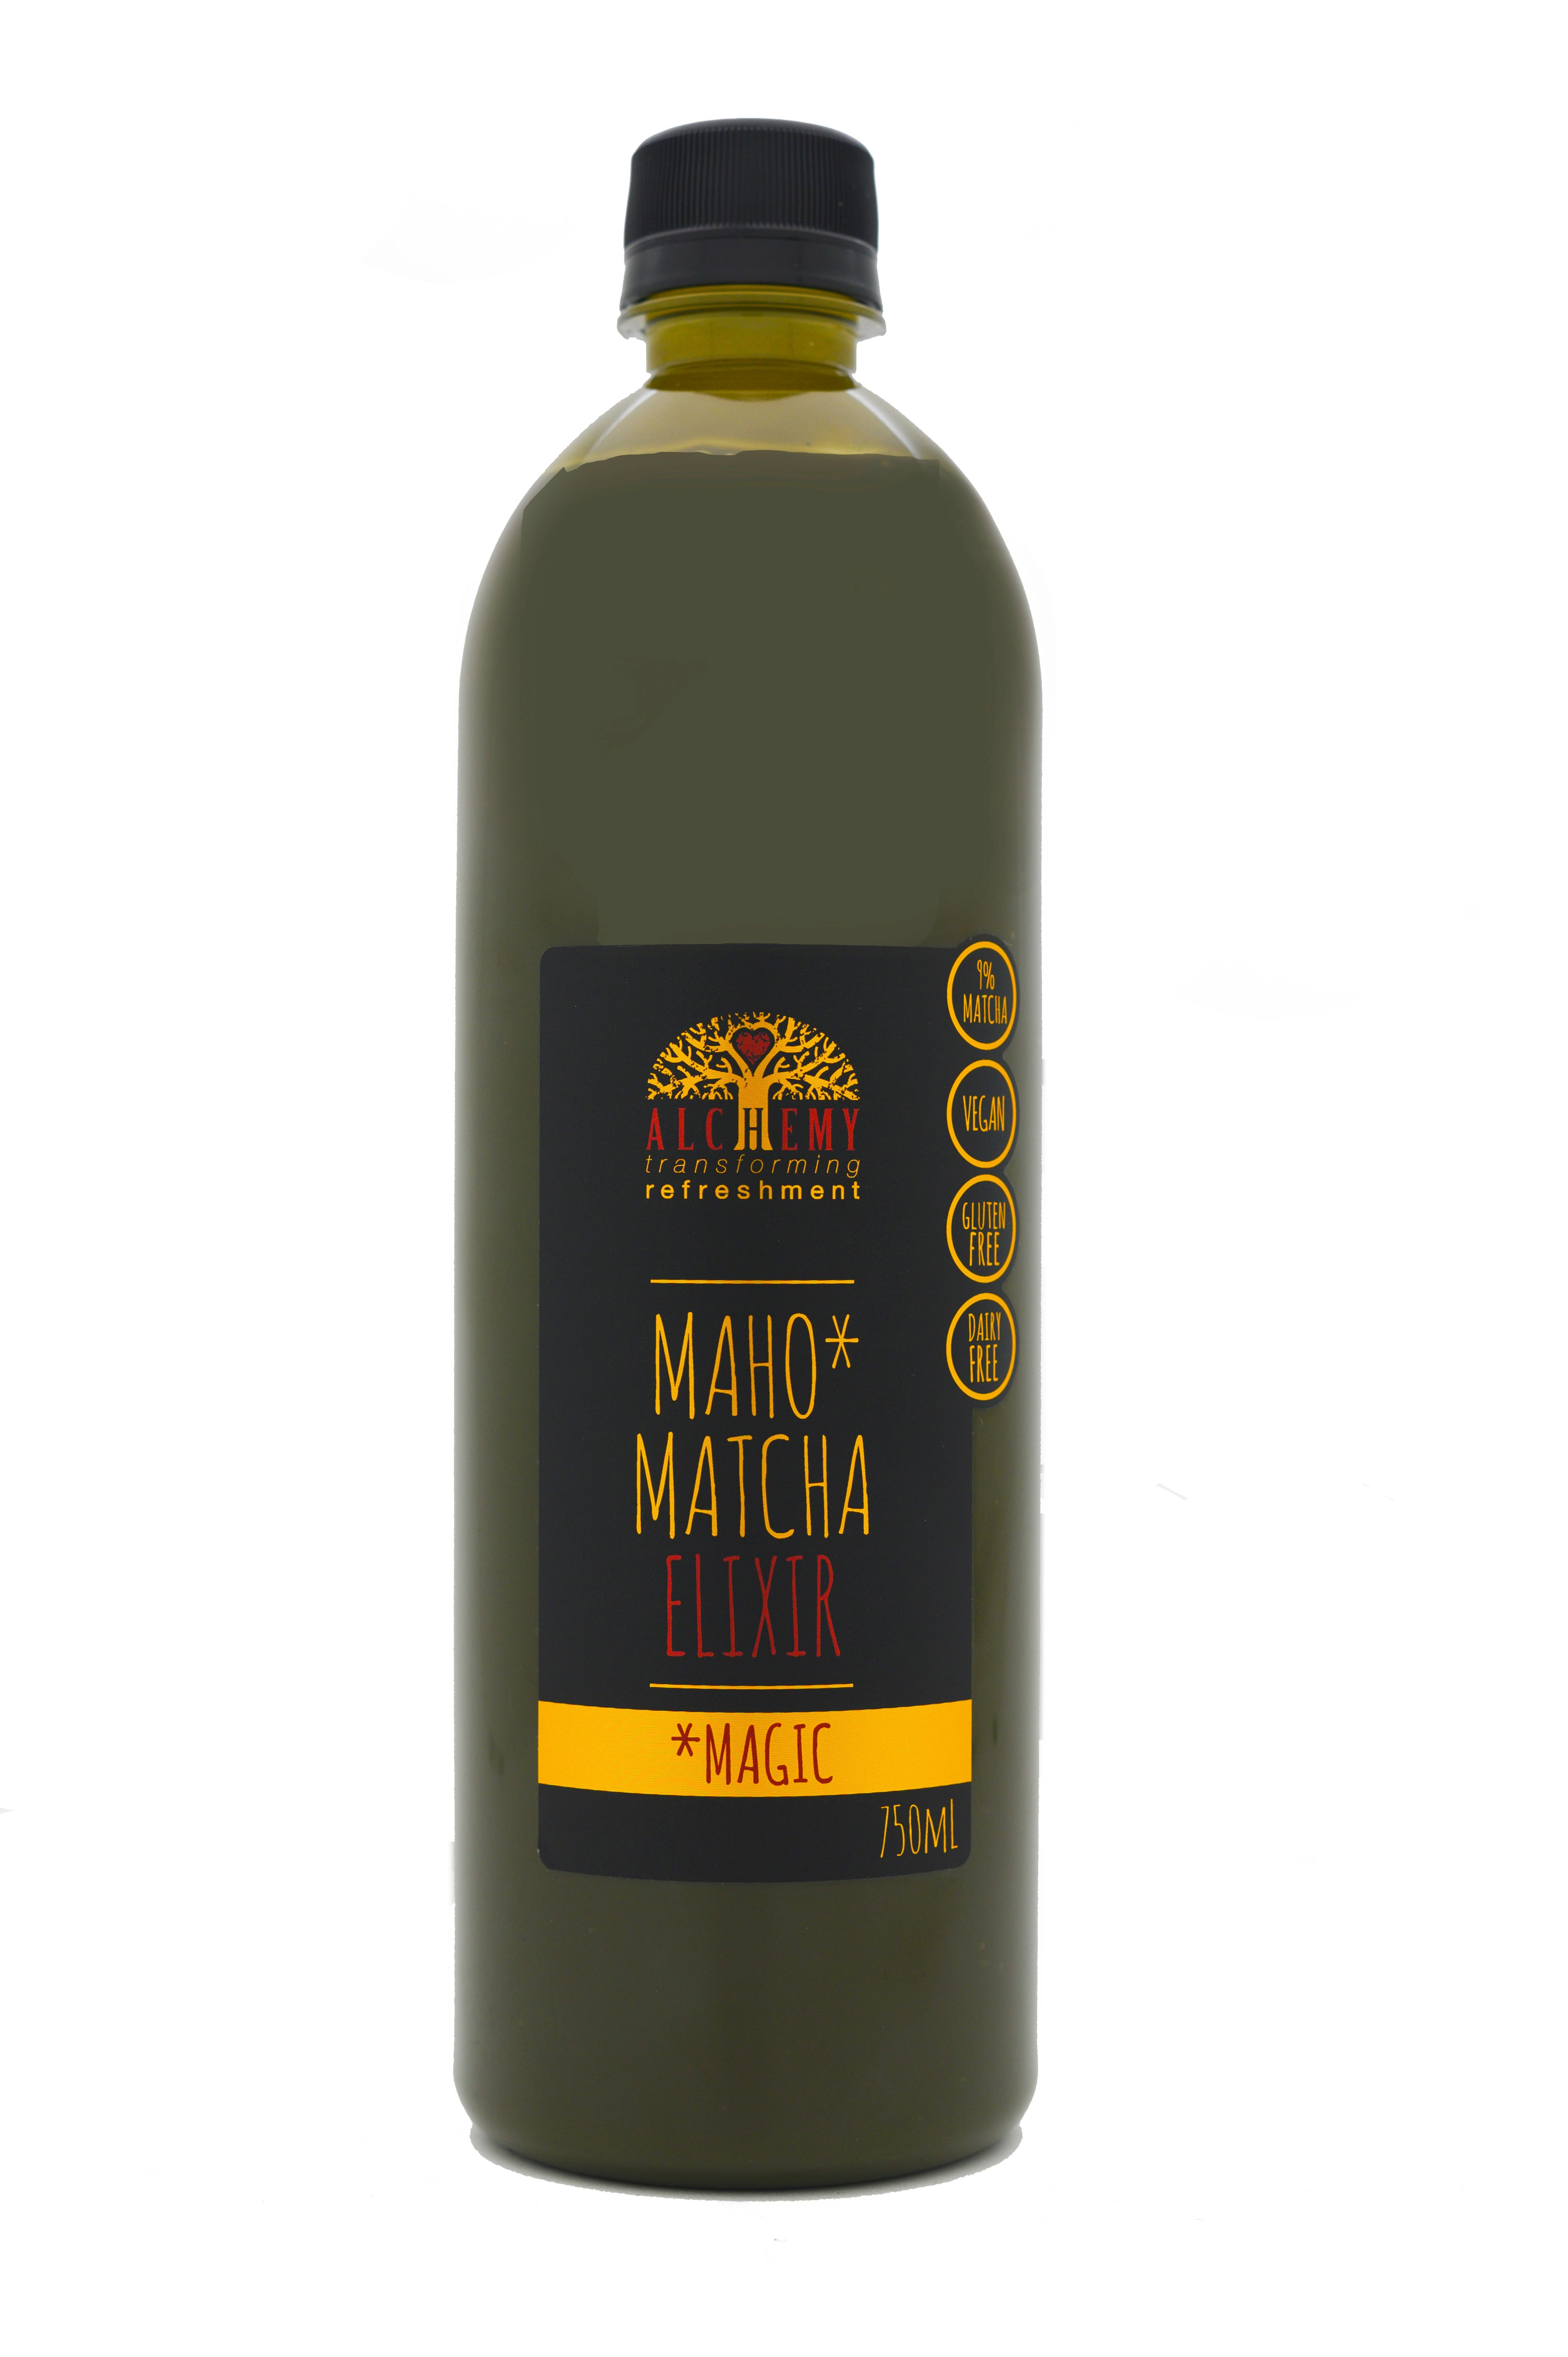 Alchemy Maho Matcha 750ml bottle